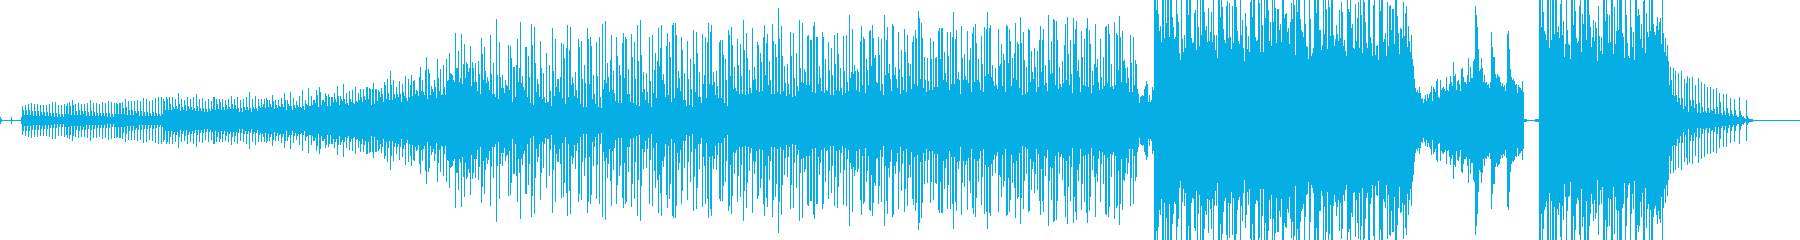 ひたすら恐怖感を描いたホラーBGMの再生済みの波形